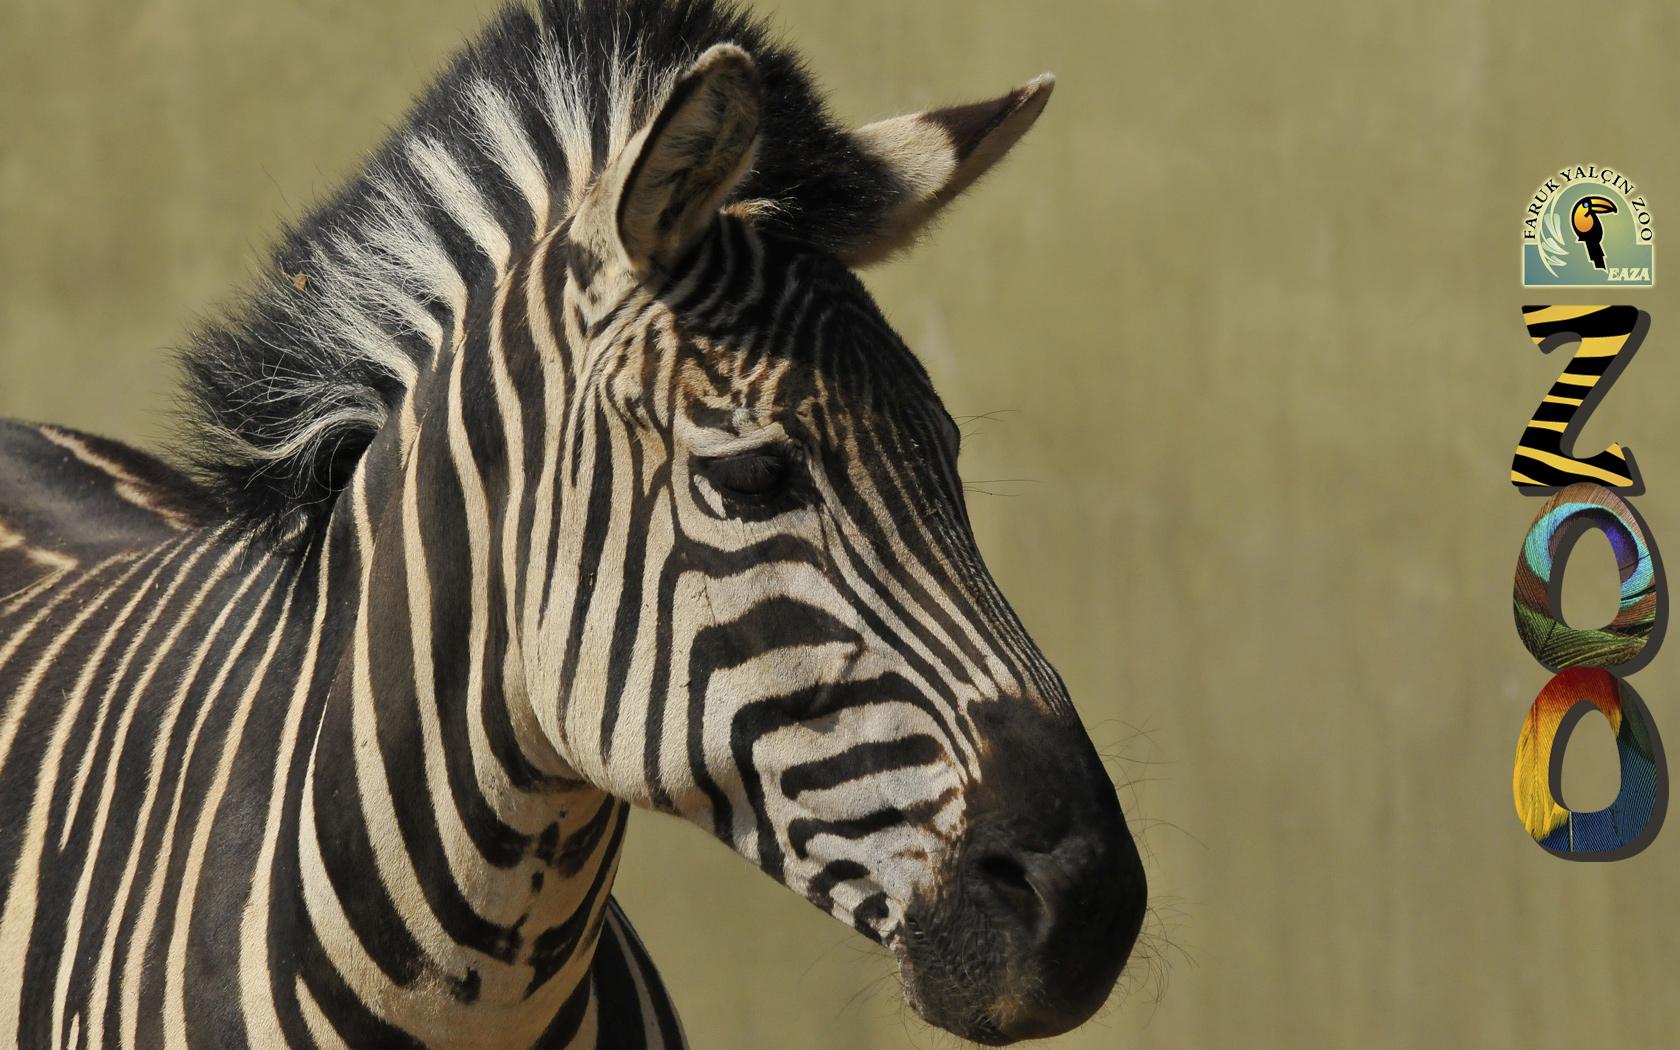 افضل حديقة حيوان في العالم , حديقة الحيوان في اسطنبول